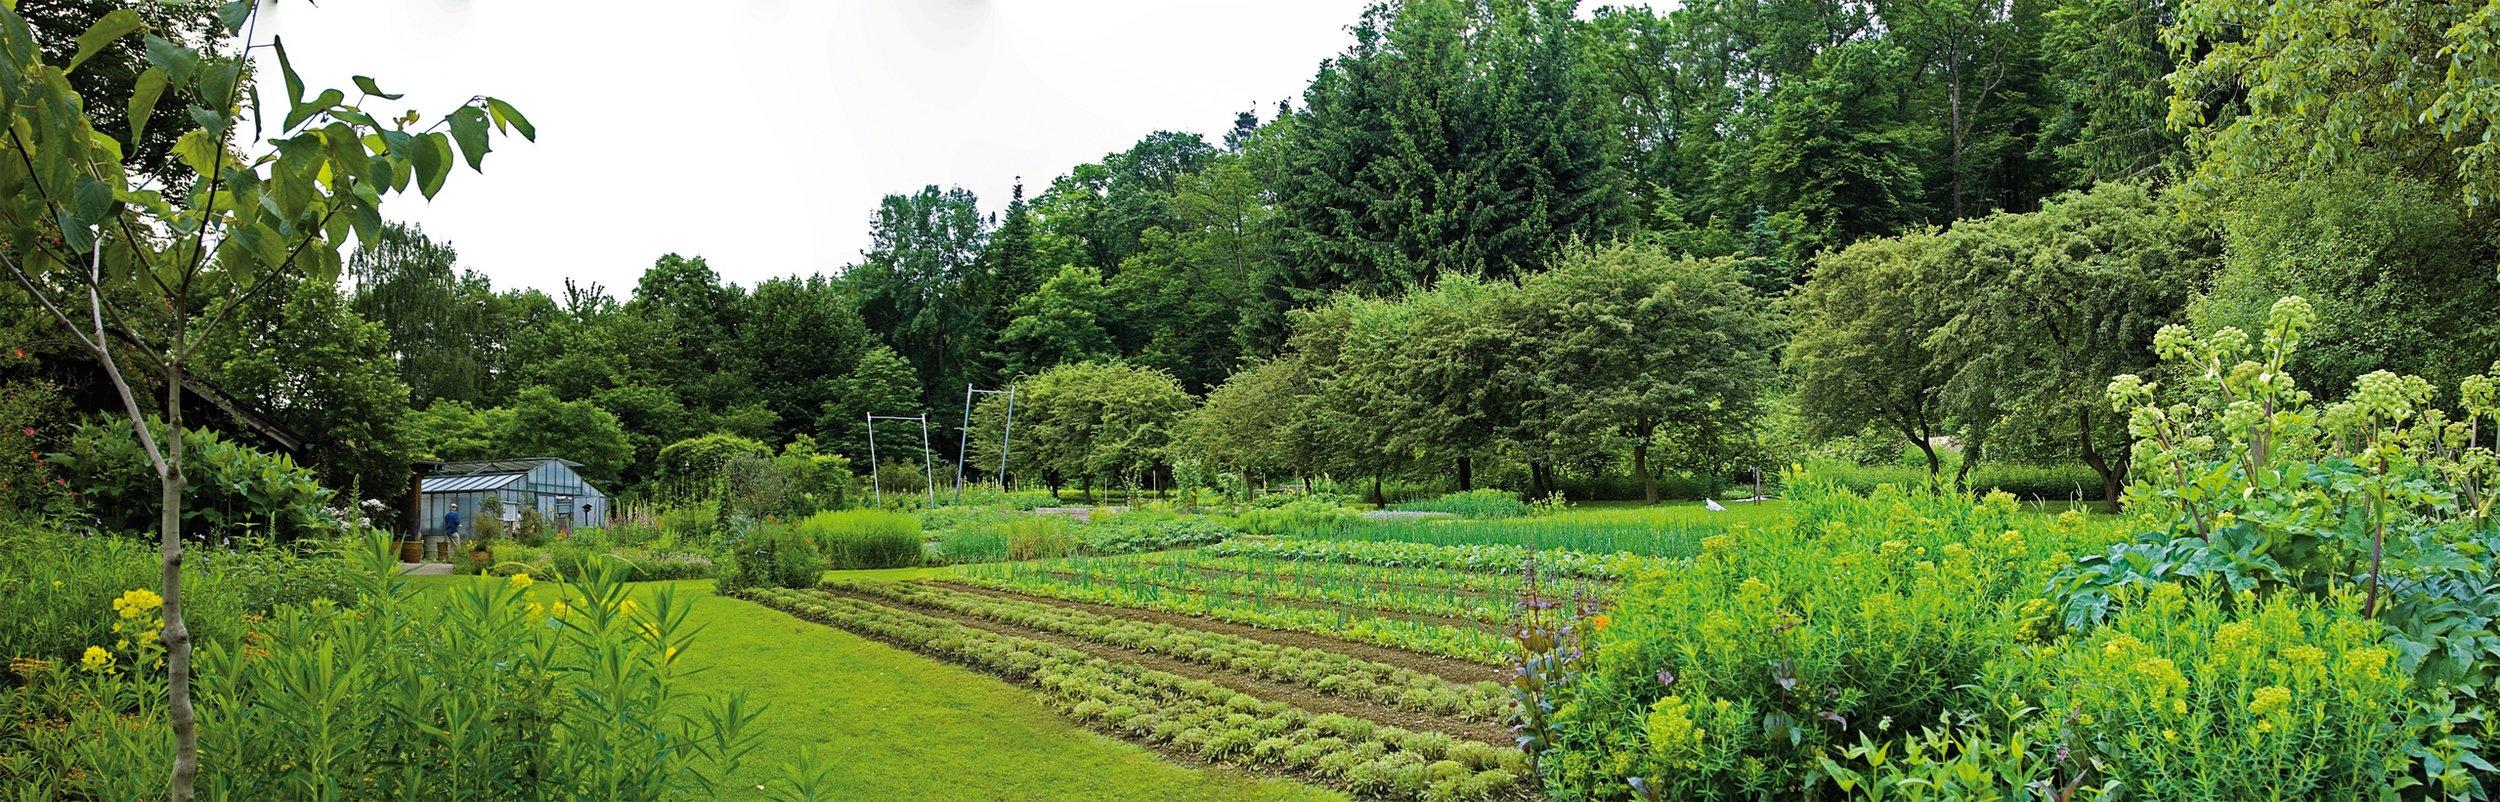 WALA/Dr. Hauschka biodynamic medicinal plant gardens